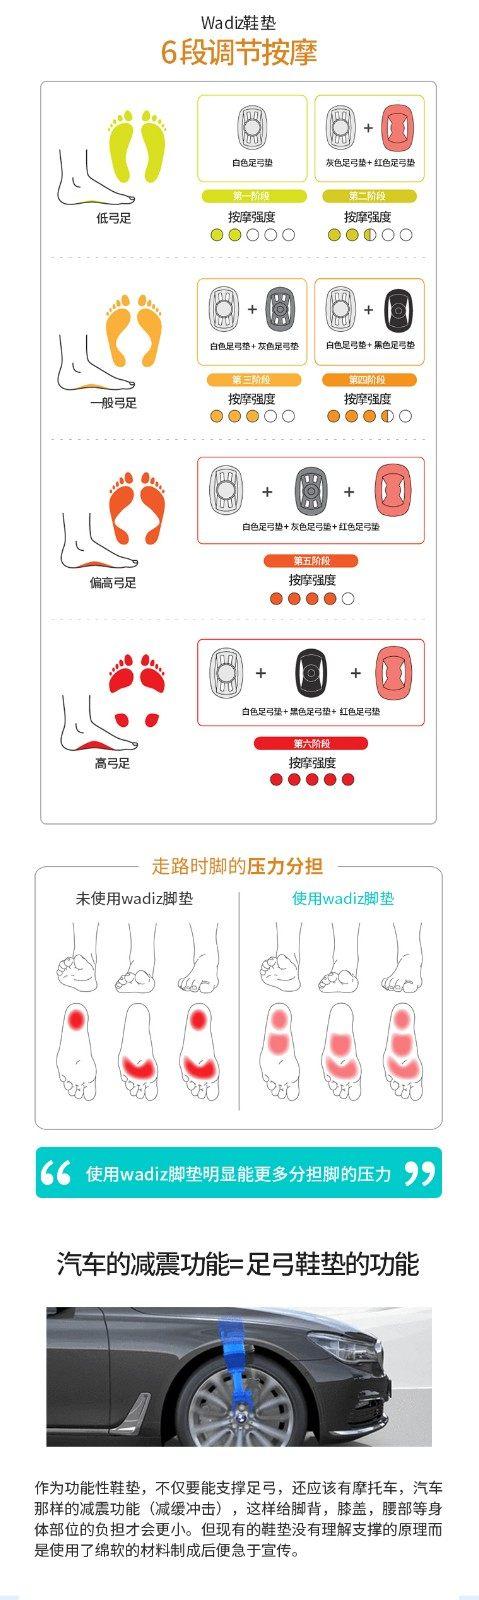 自动指压足弓垫,韩国备受好评的众筹鞋垫